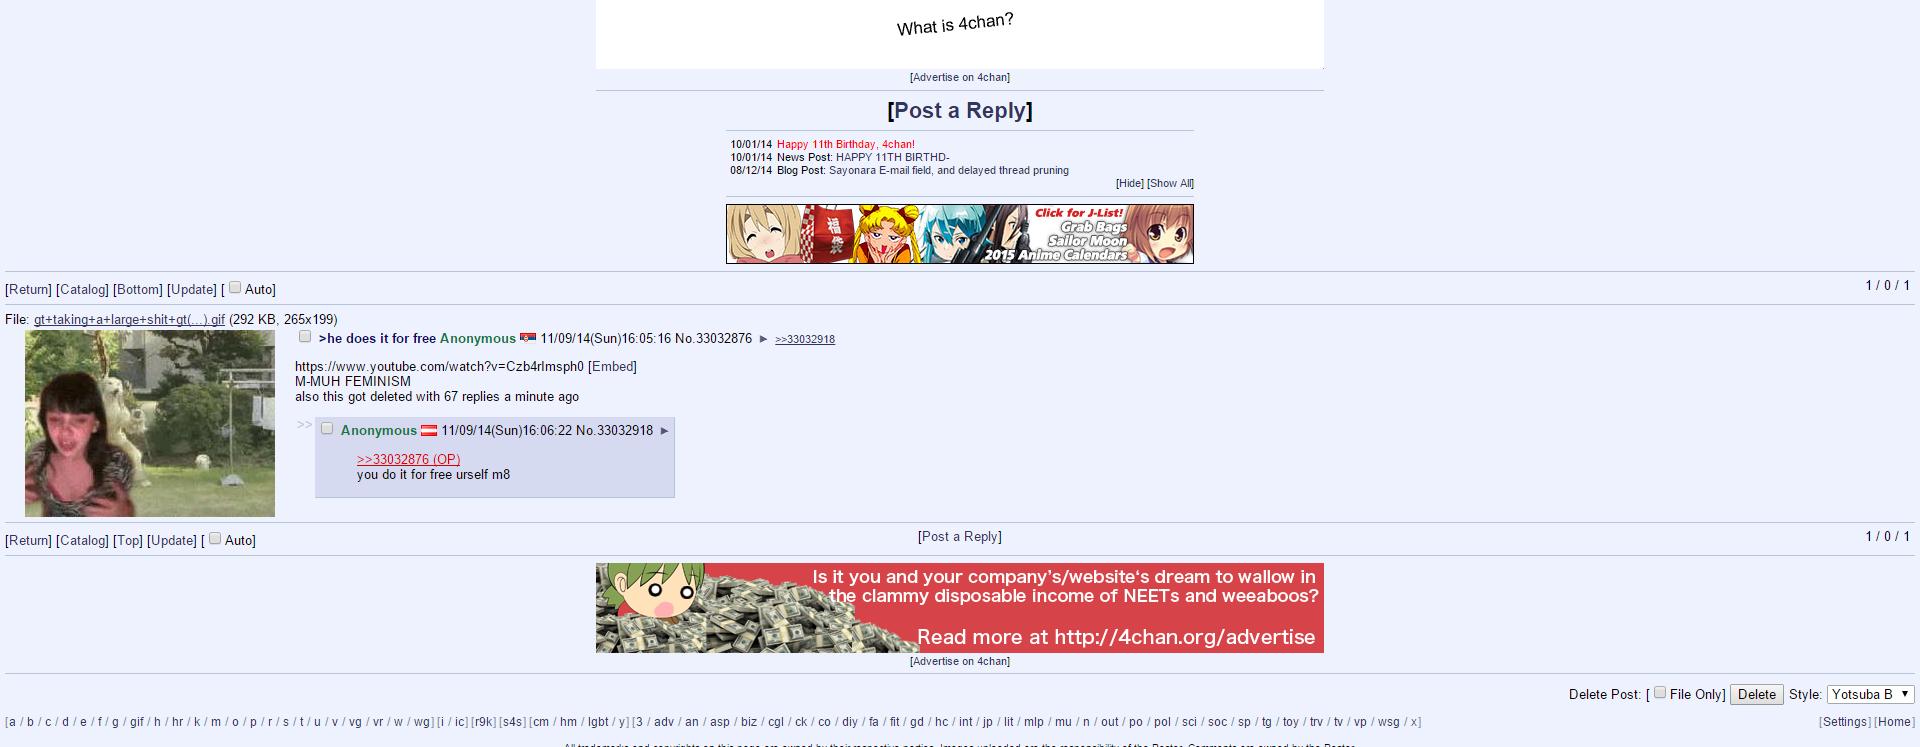 4chan just got a little more ****ter